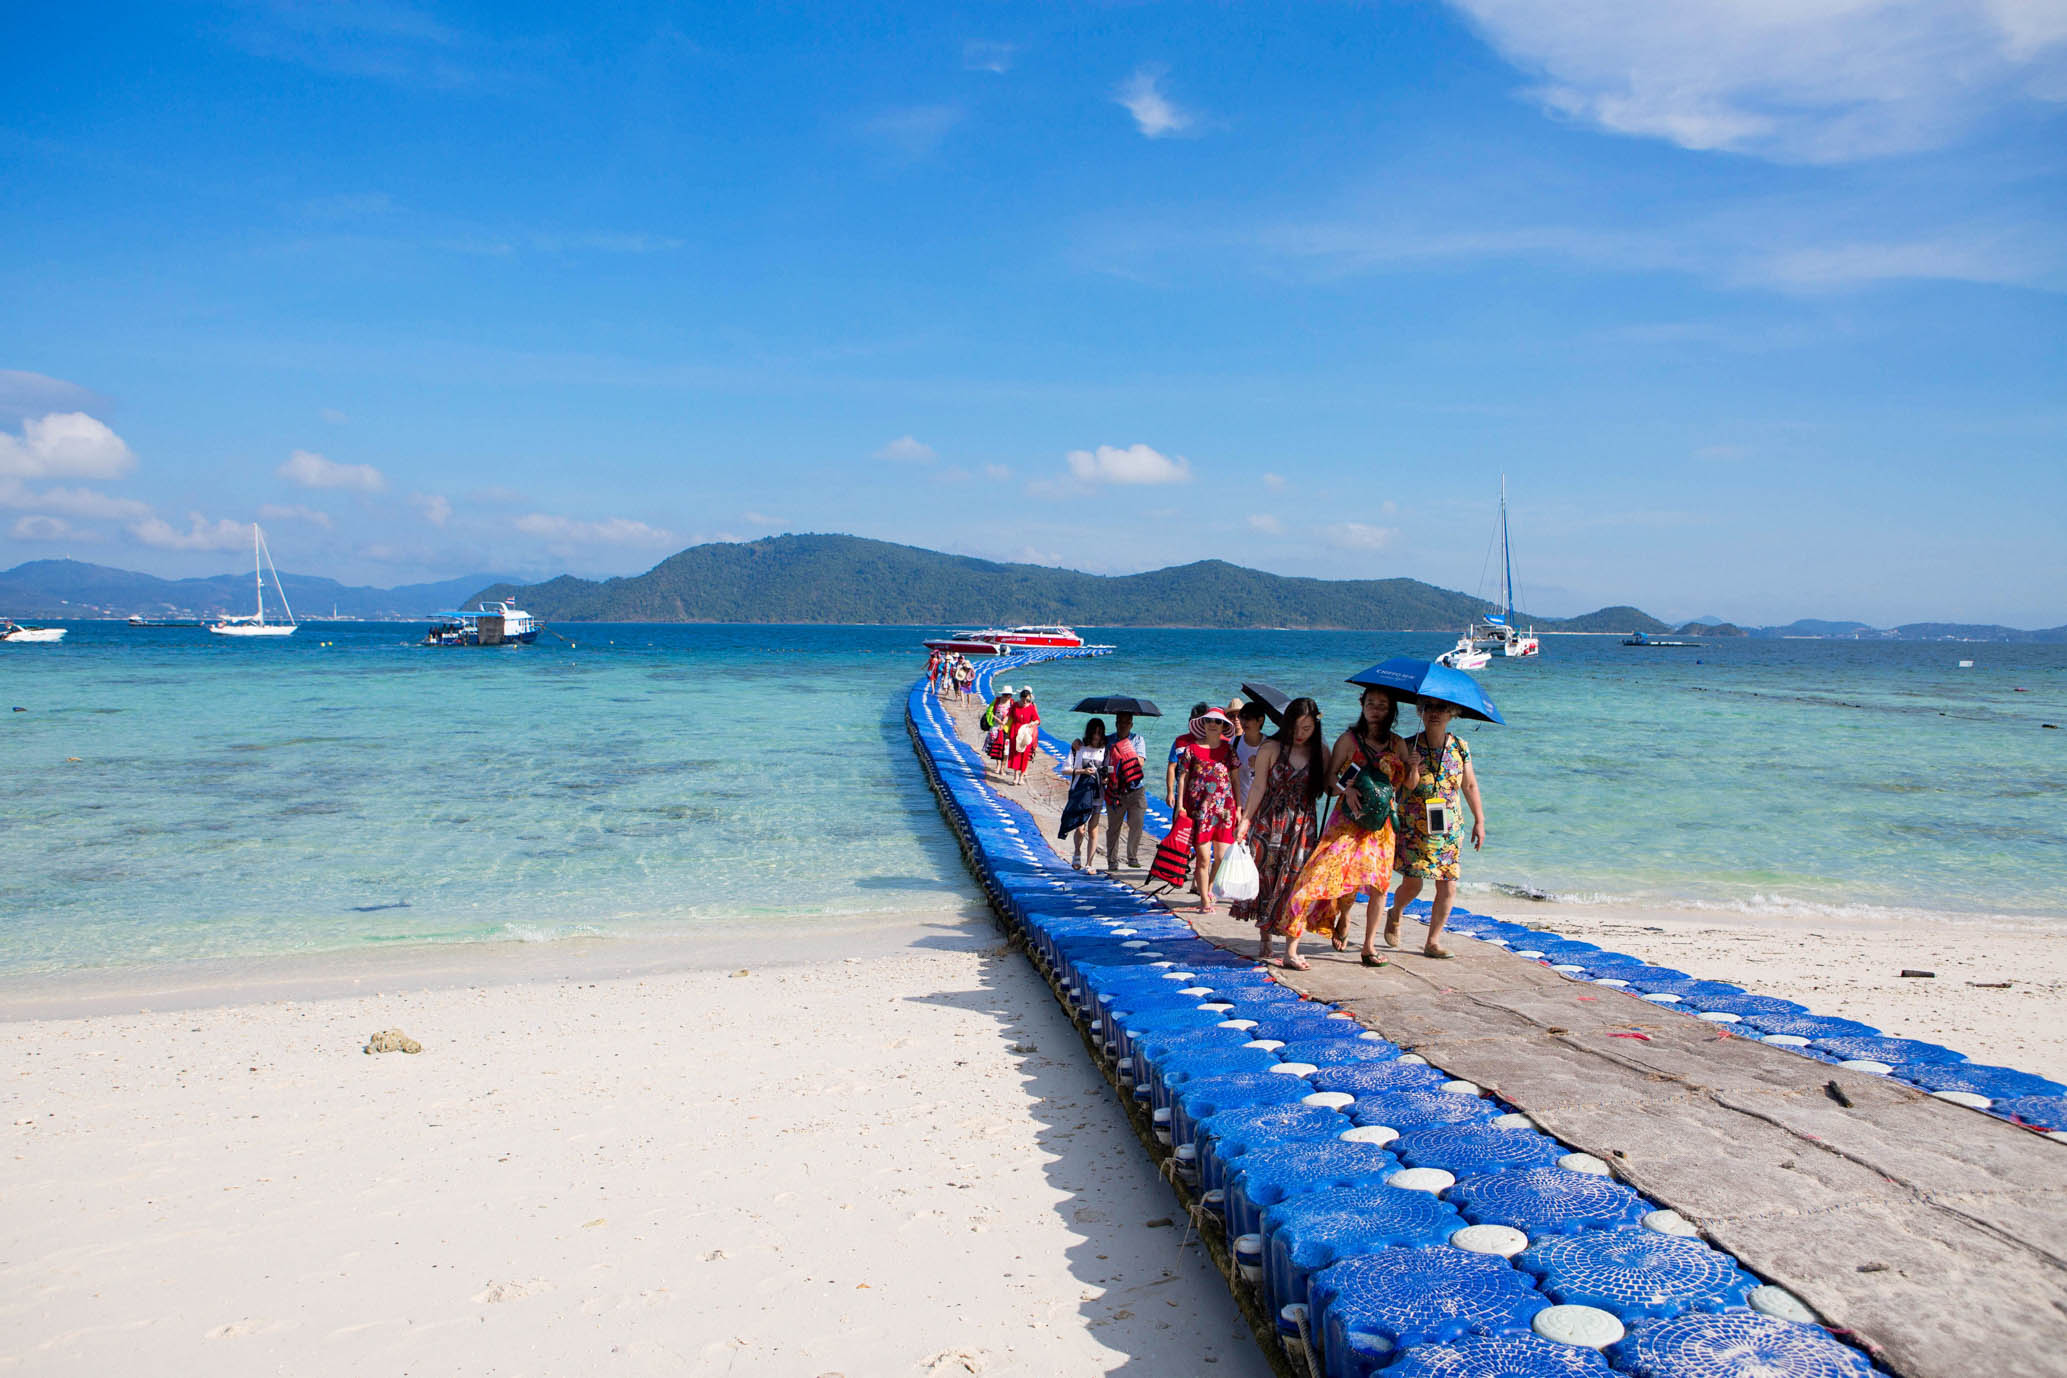 Коралловый остров (Ко Хе)